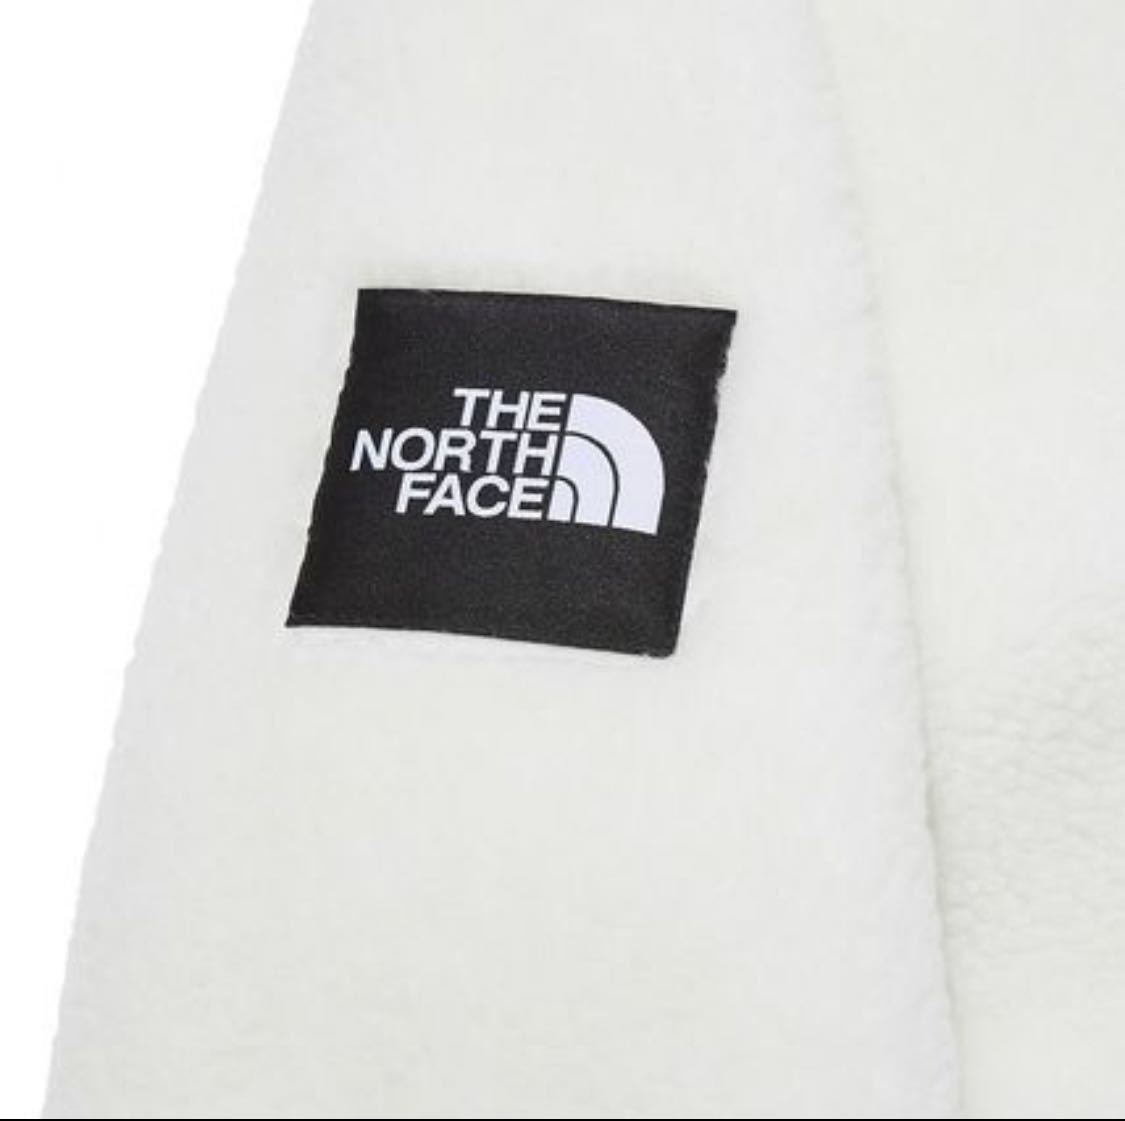 【新品正規品】ノースフェイス リモフリース M ボアジャケット THE NORTH FACE RIMO FLEECE JACKET IVORY アイボリー M_画像5